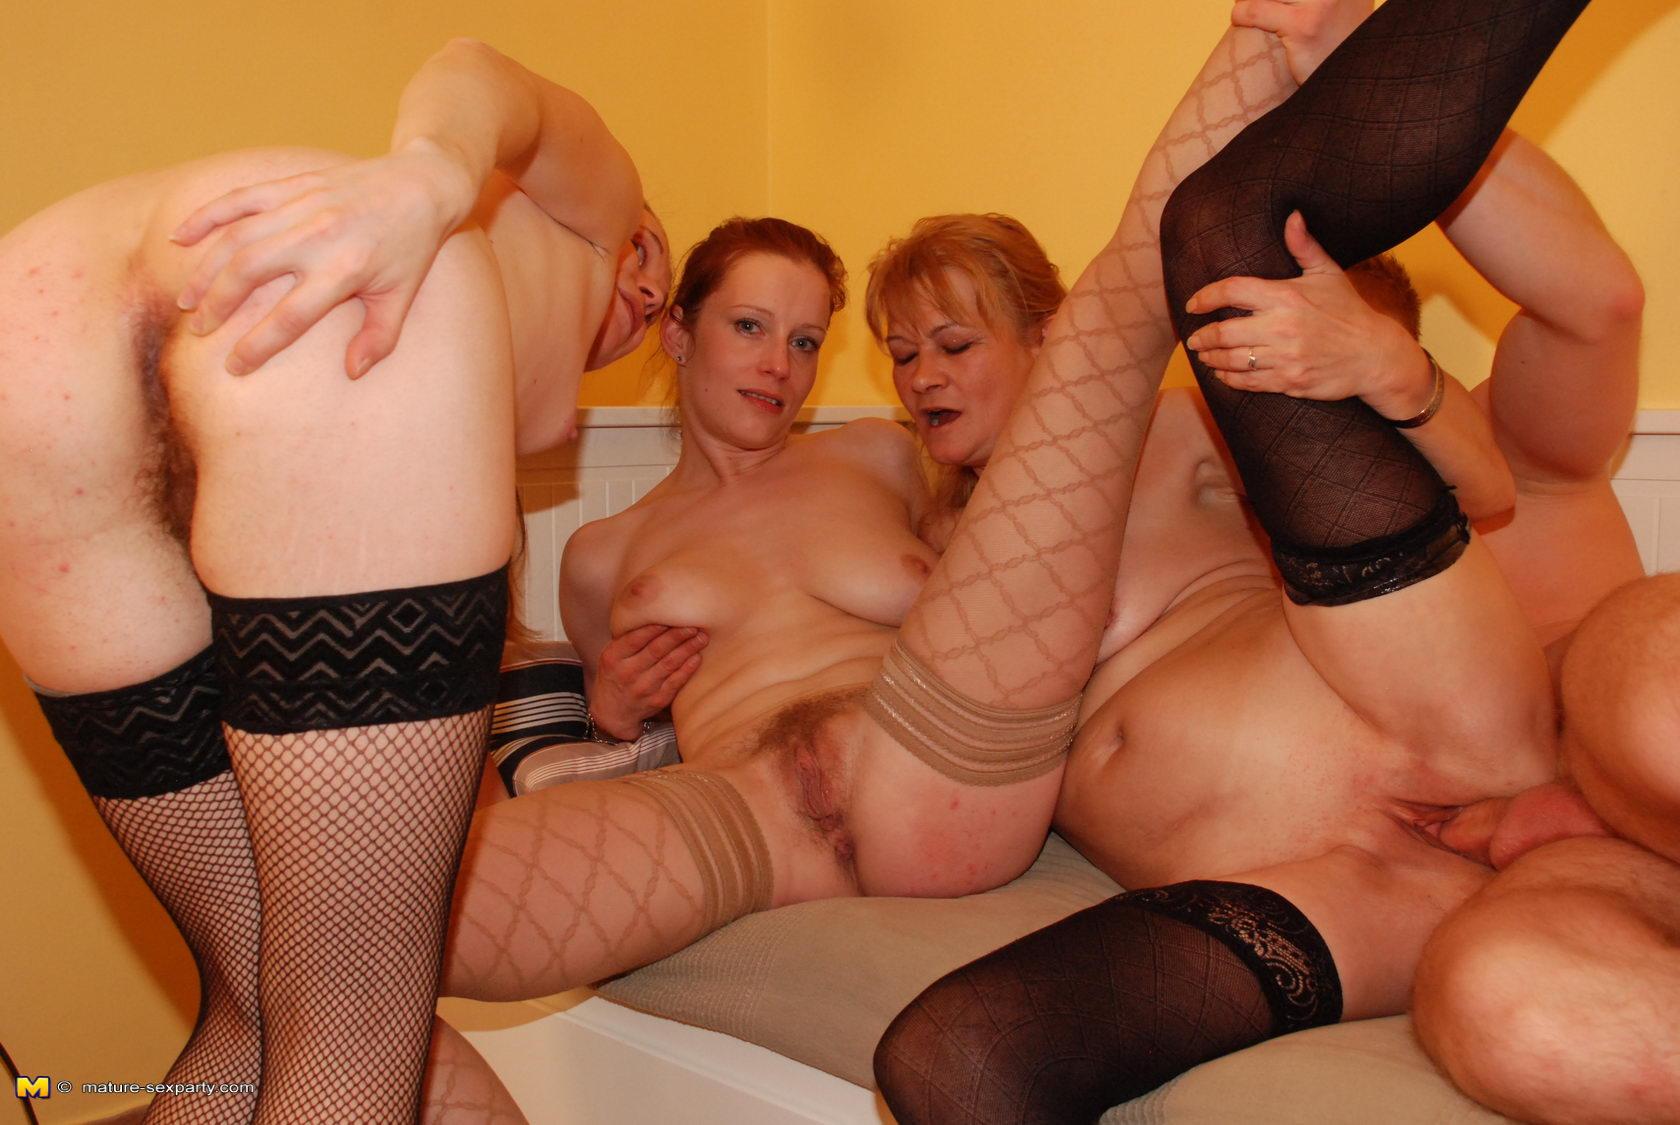 смотреть в онлайне порно со зрелыми женщинами член